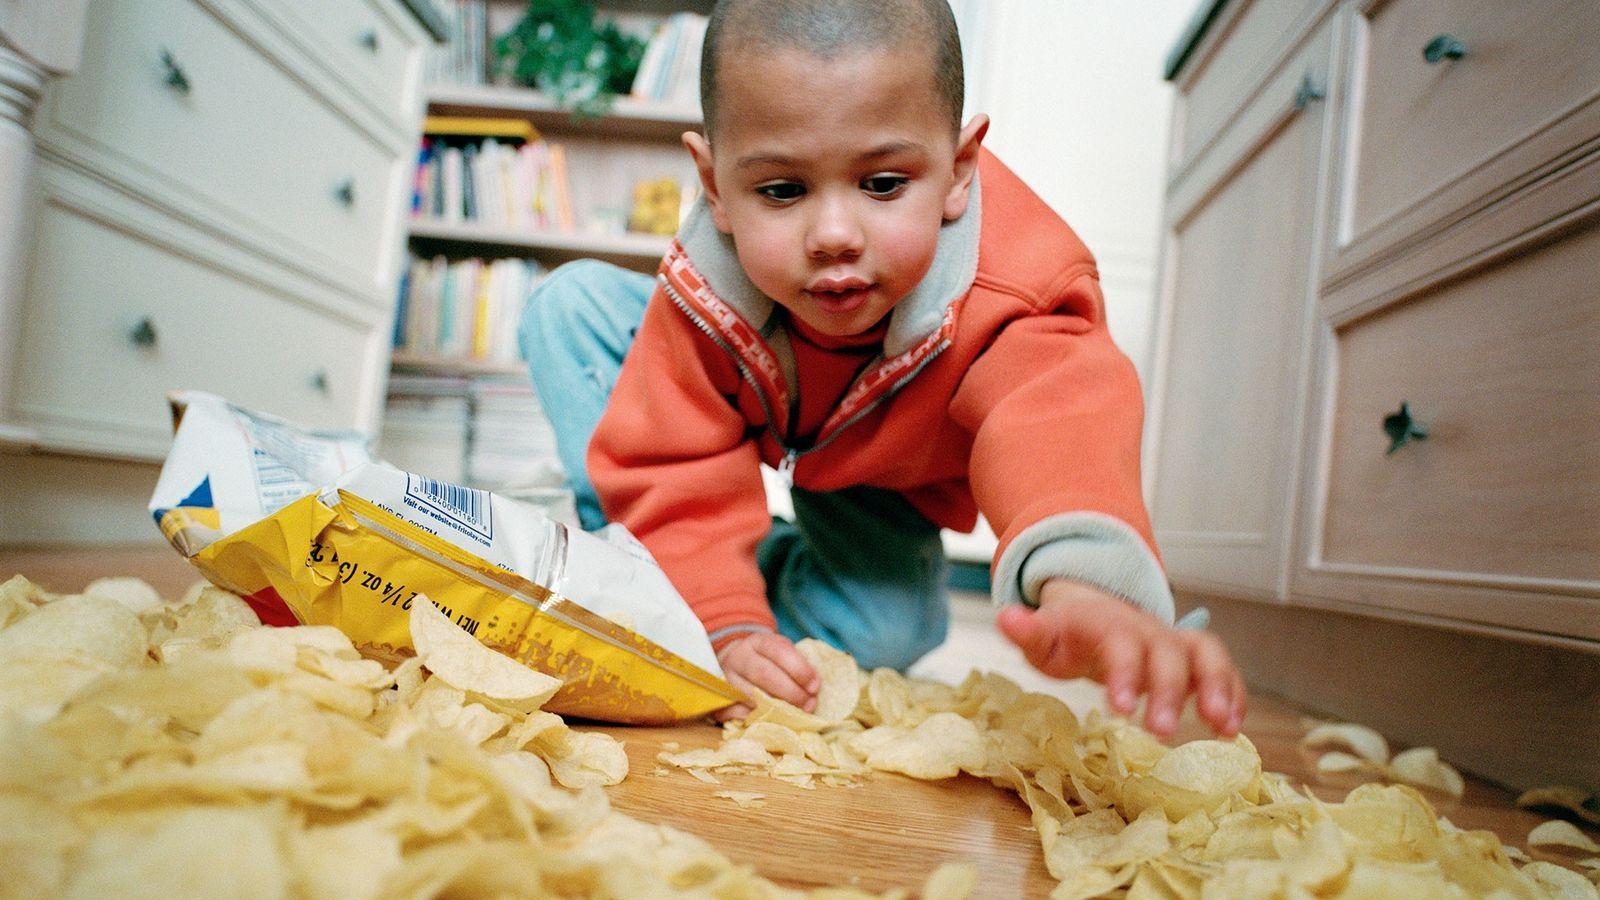 Malgré les études scientifiques, décider ou non de manger ces chips tombées à terre n'est pas ...